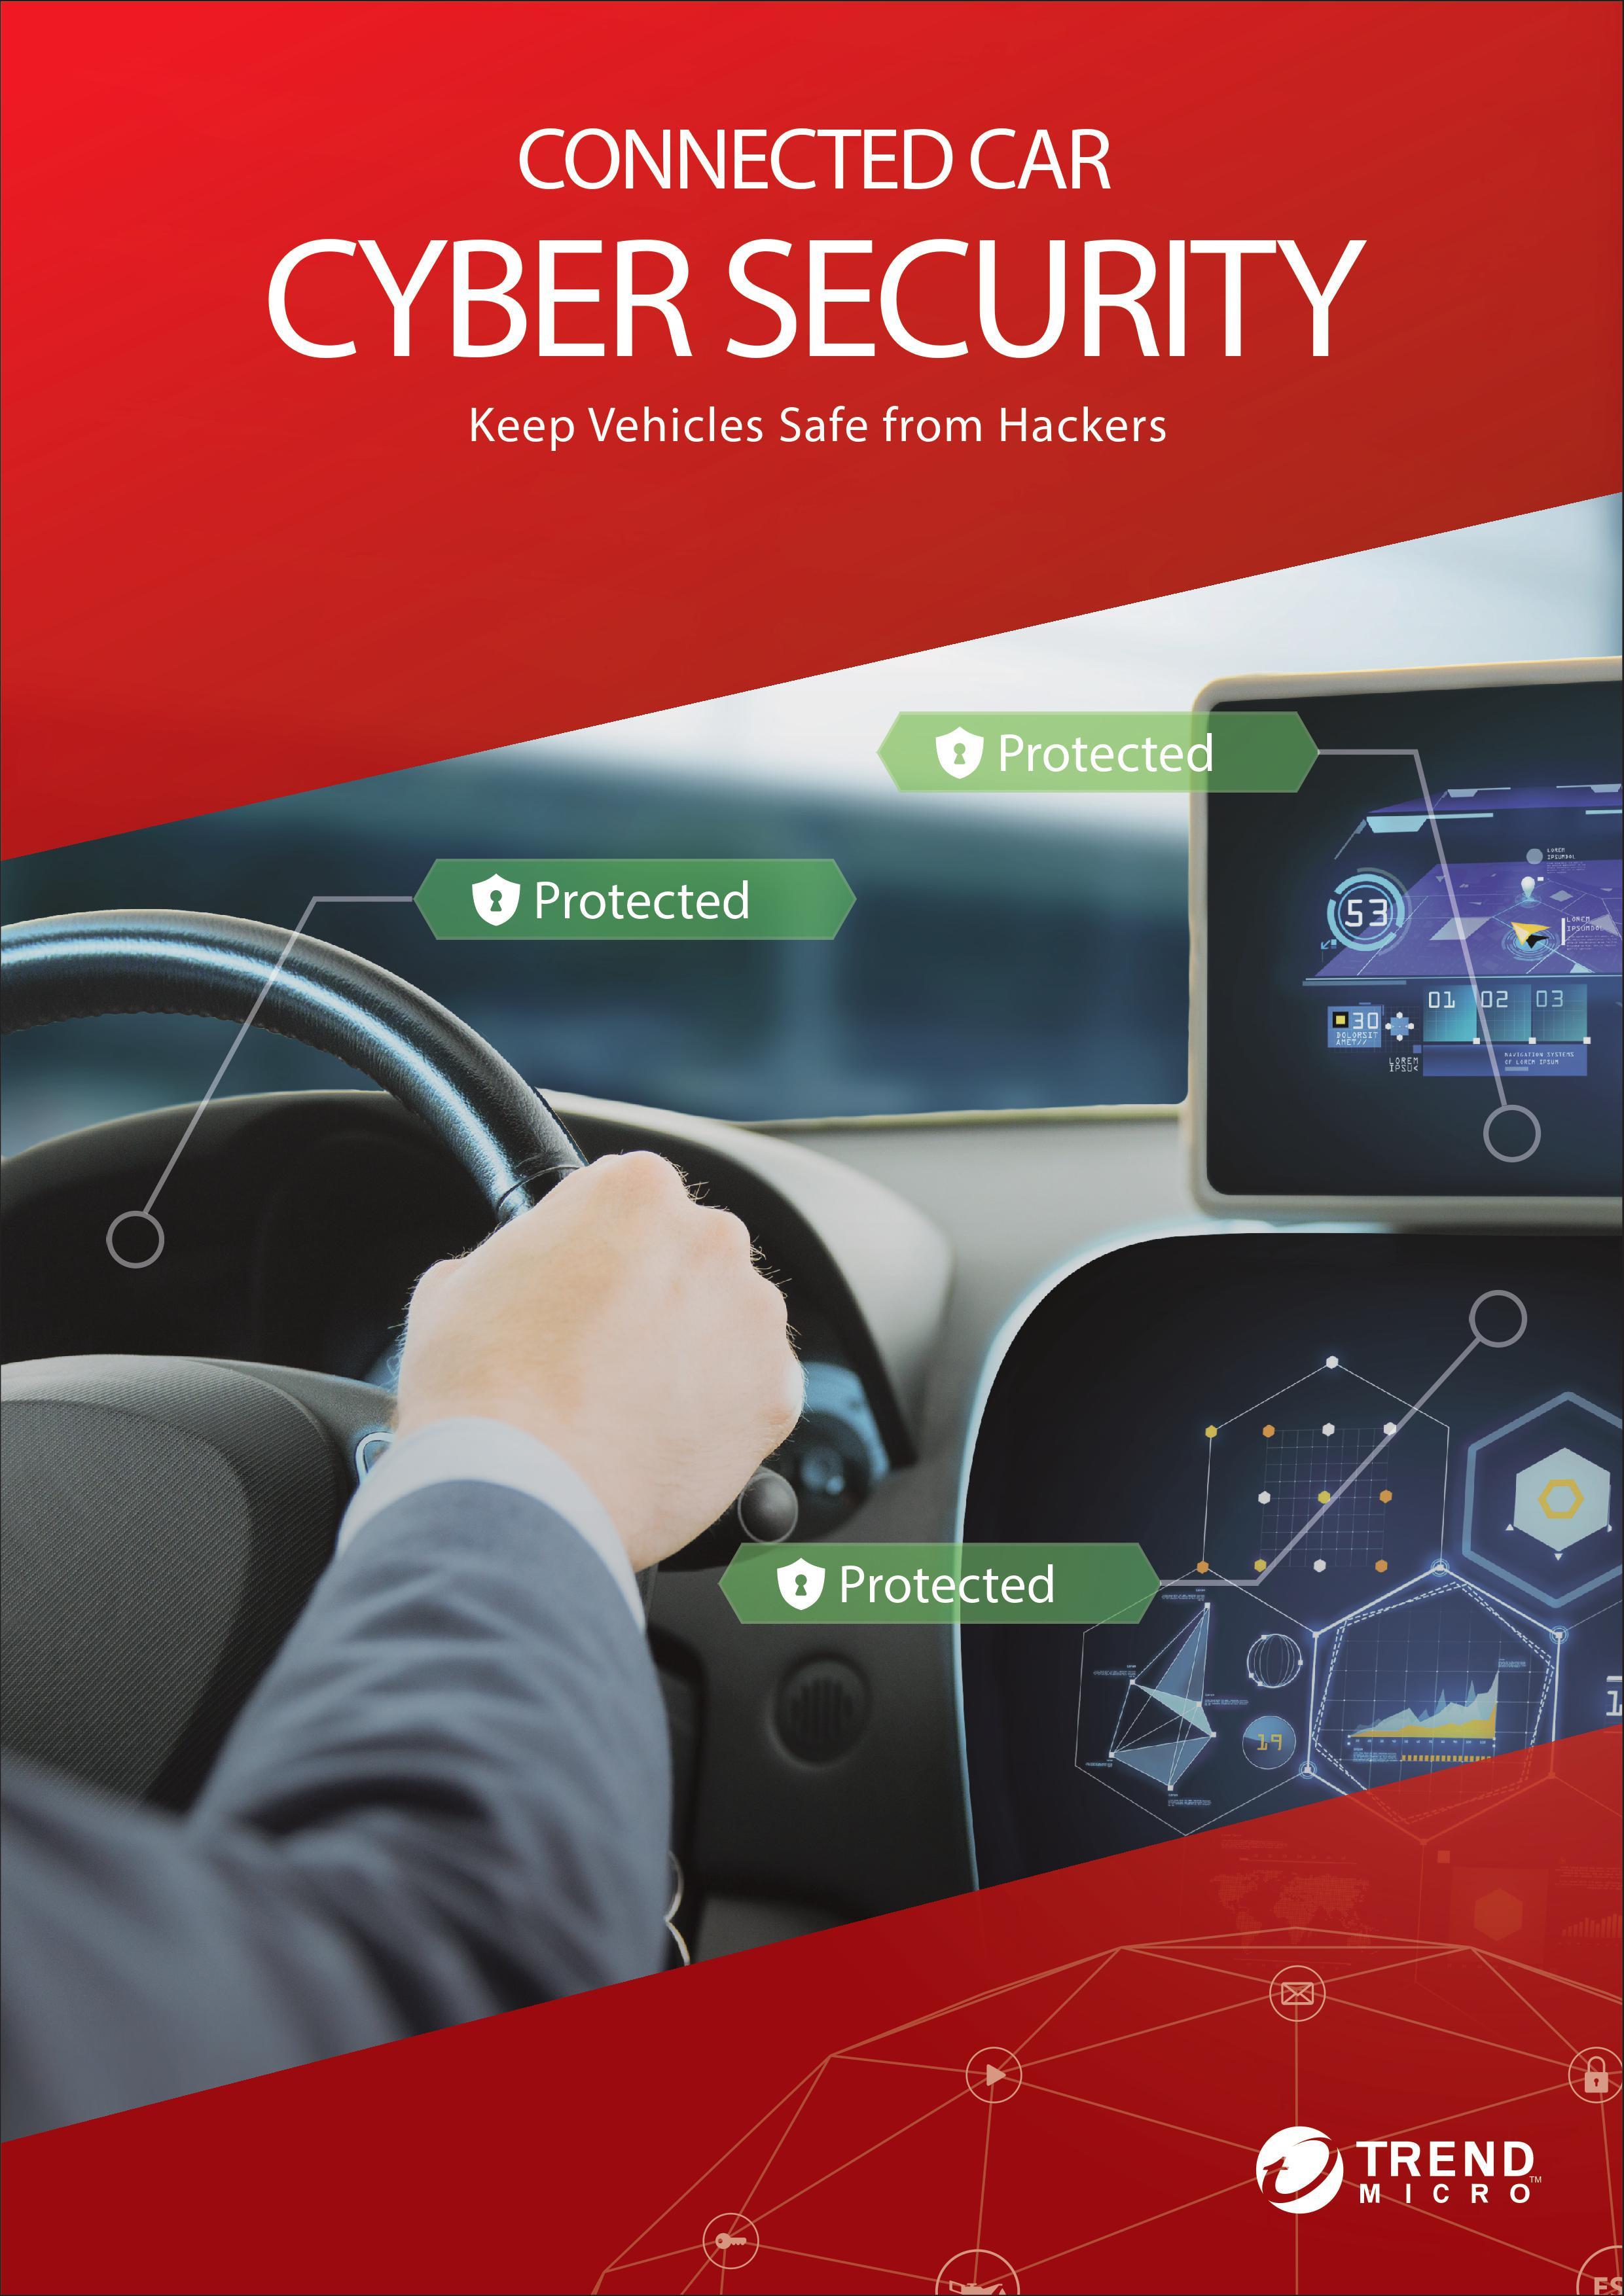 是趨勢首度公布資安防護軟體開發套件,不再擔心資安危機這篇文章的首圖